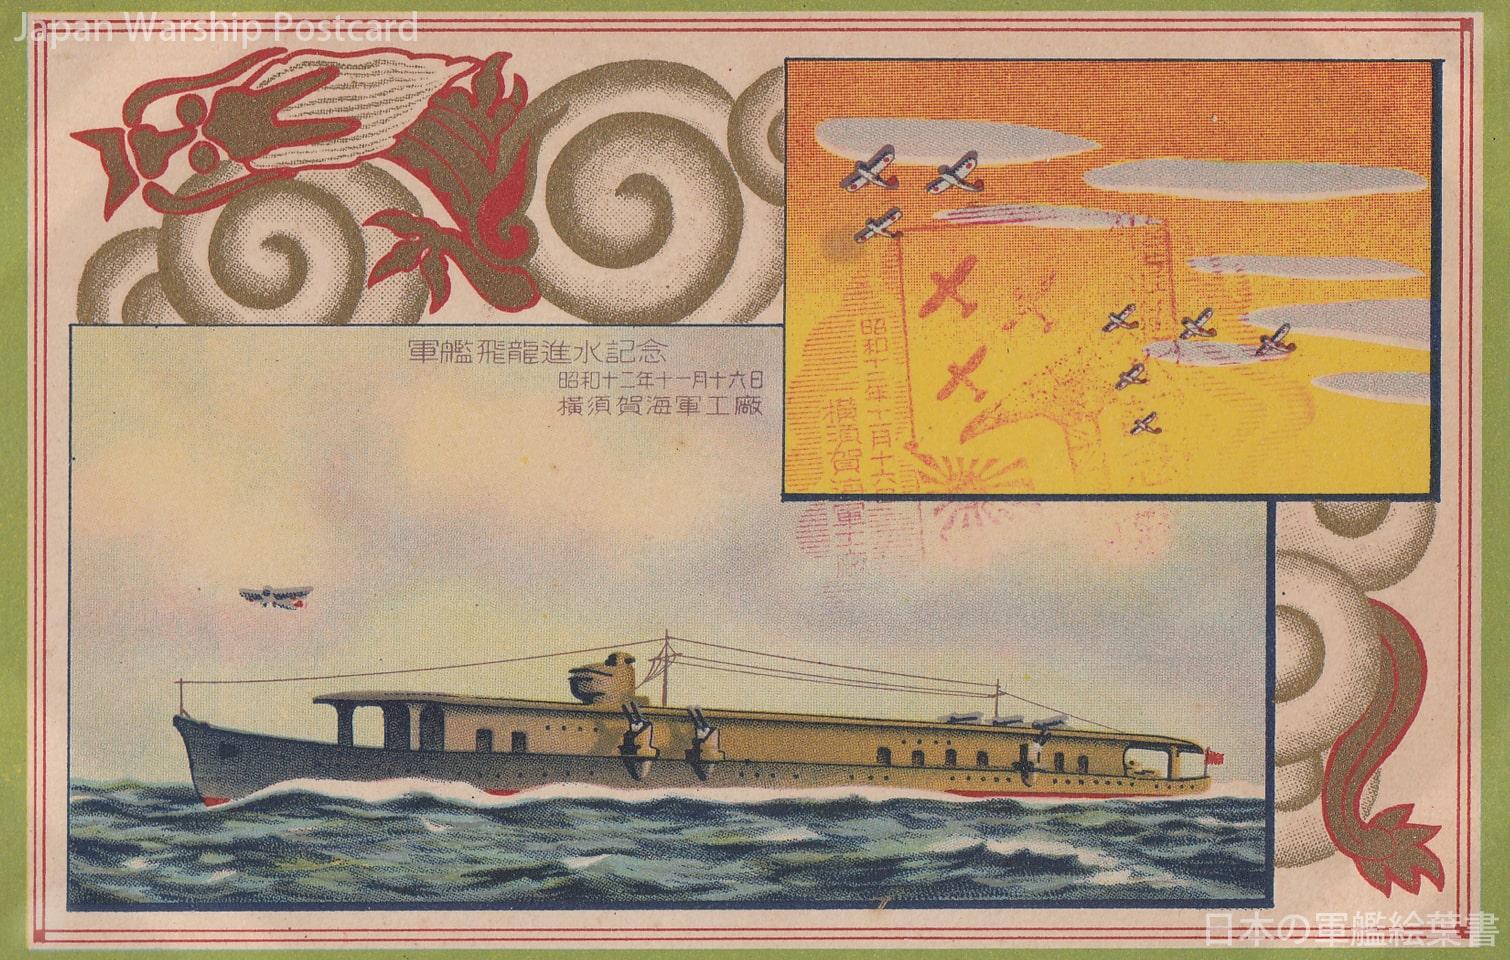 航空母艦「飛龍」